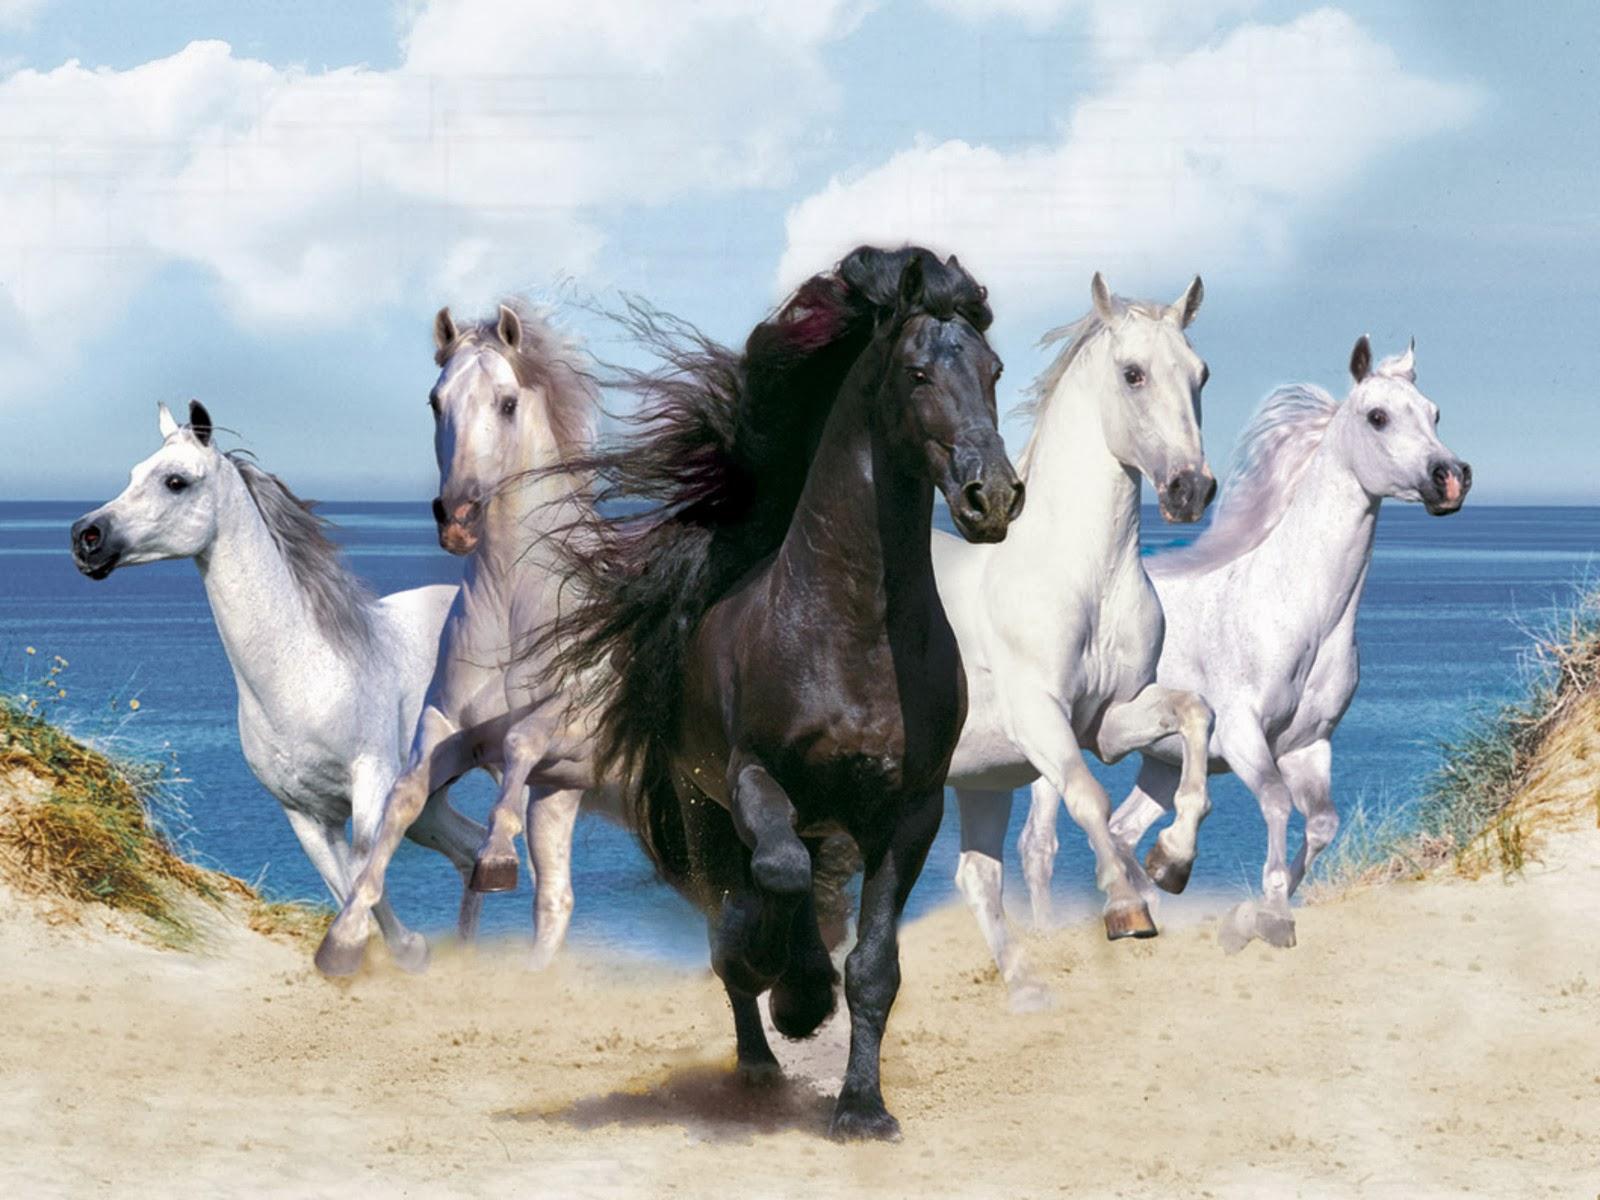 Wonderful   Wallpaper Horse Laptop - HD+Animal+Wallpapers+Animal+Wallpapers+Hd  2018_882955.jpg